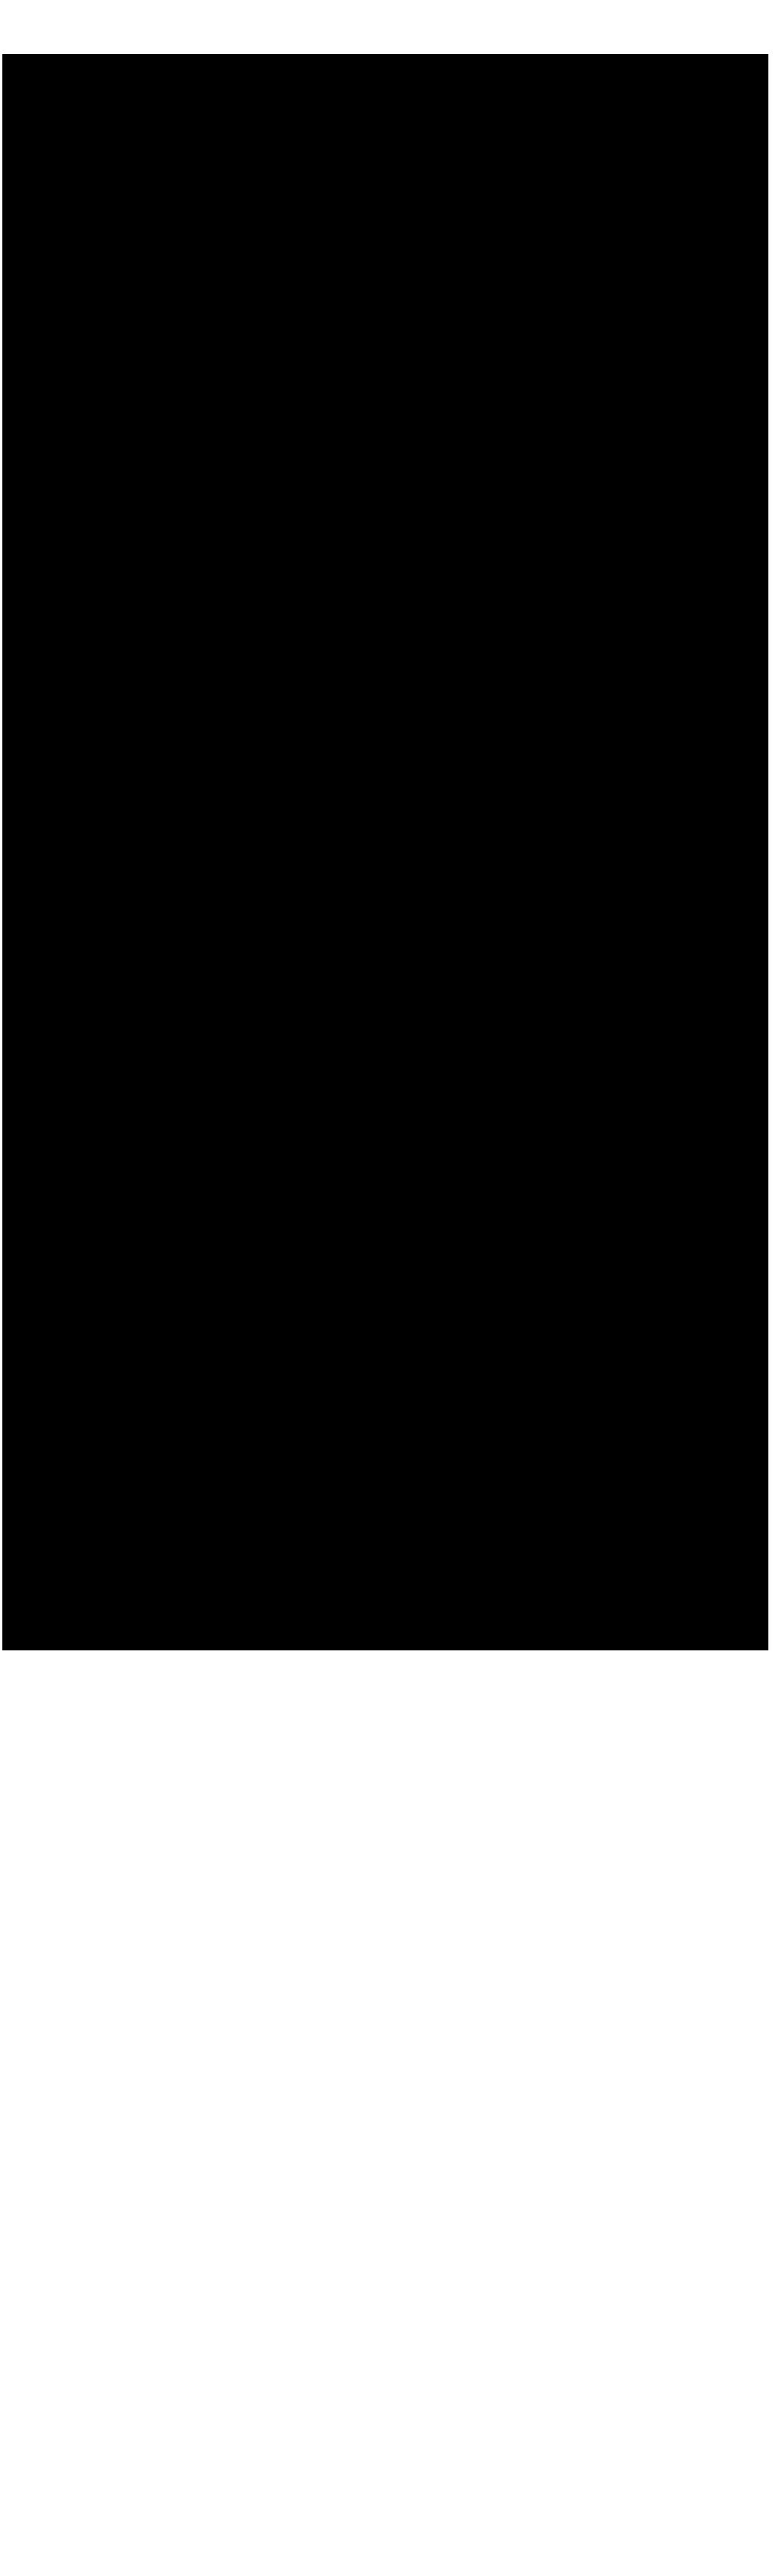 Tipografía Fundació Mascort